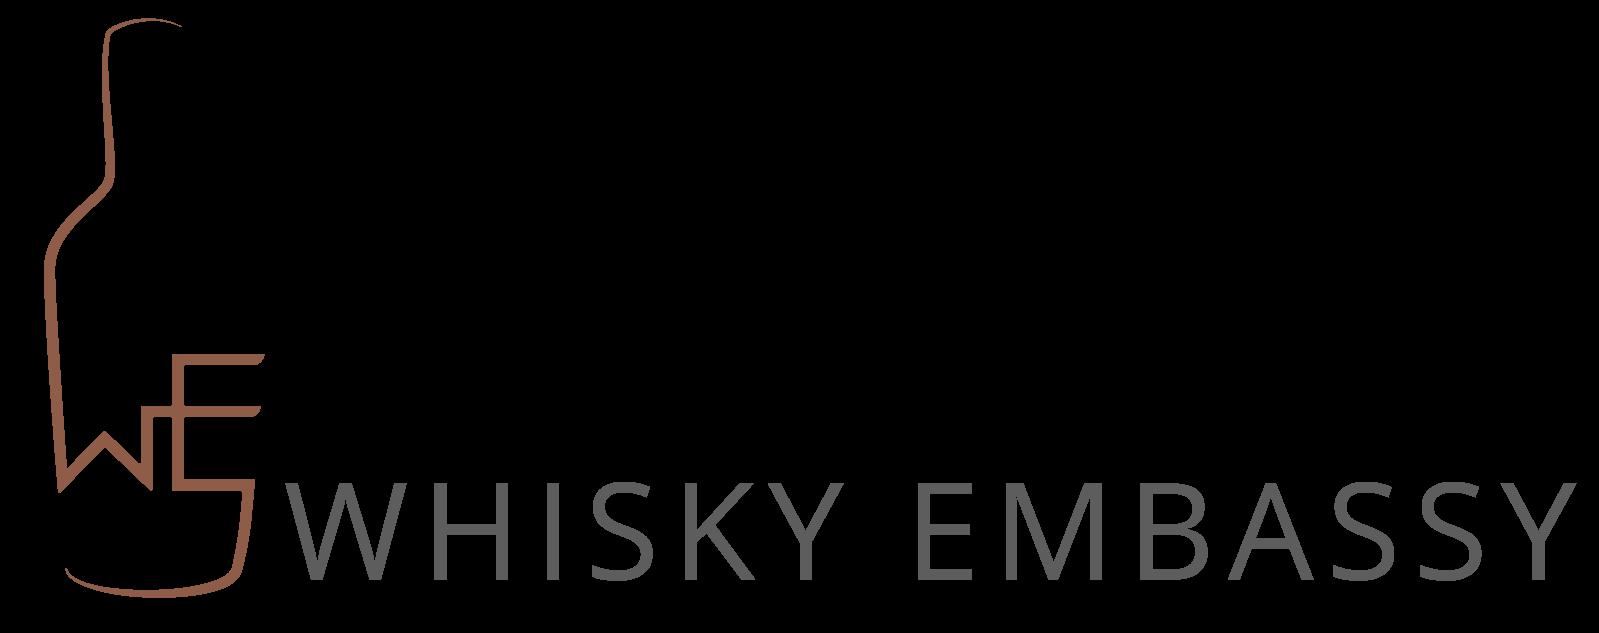 Whisky Embassy